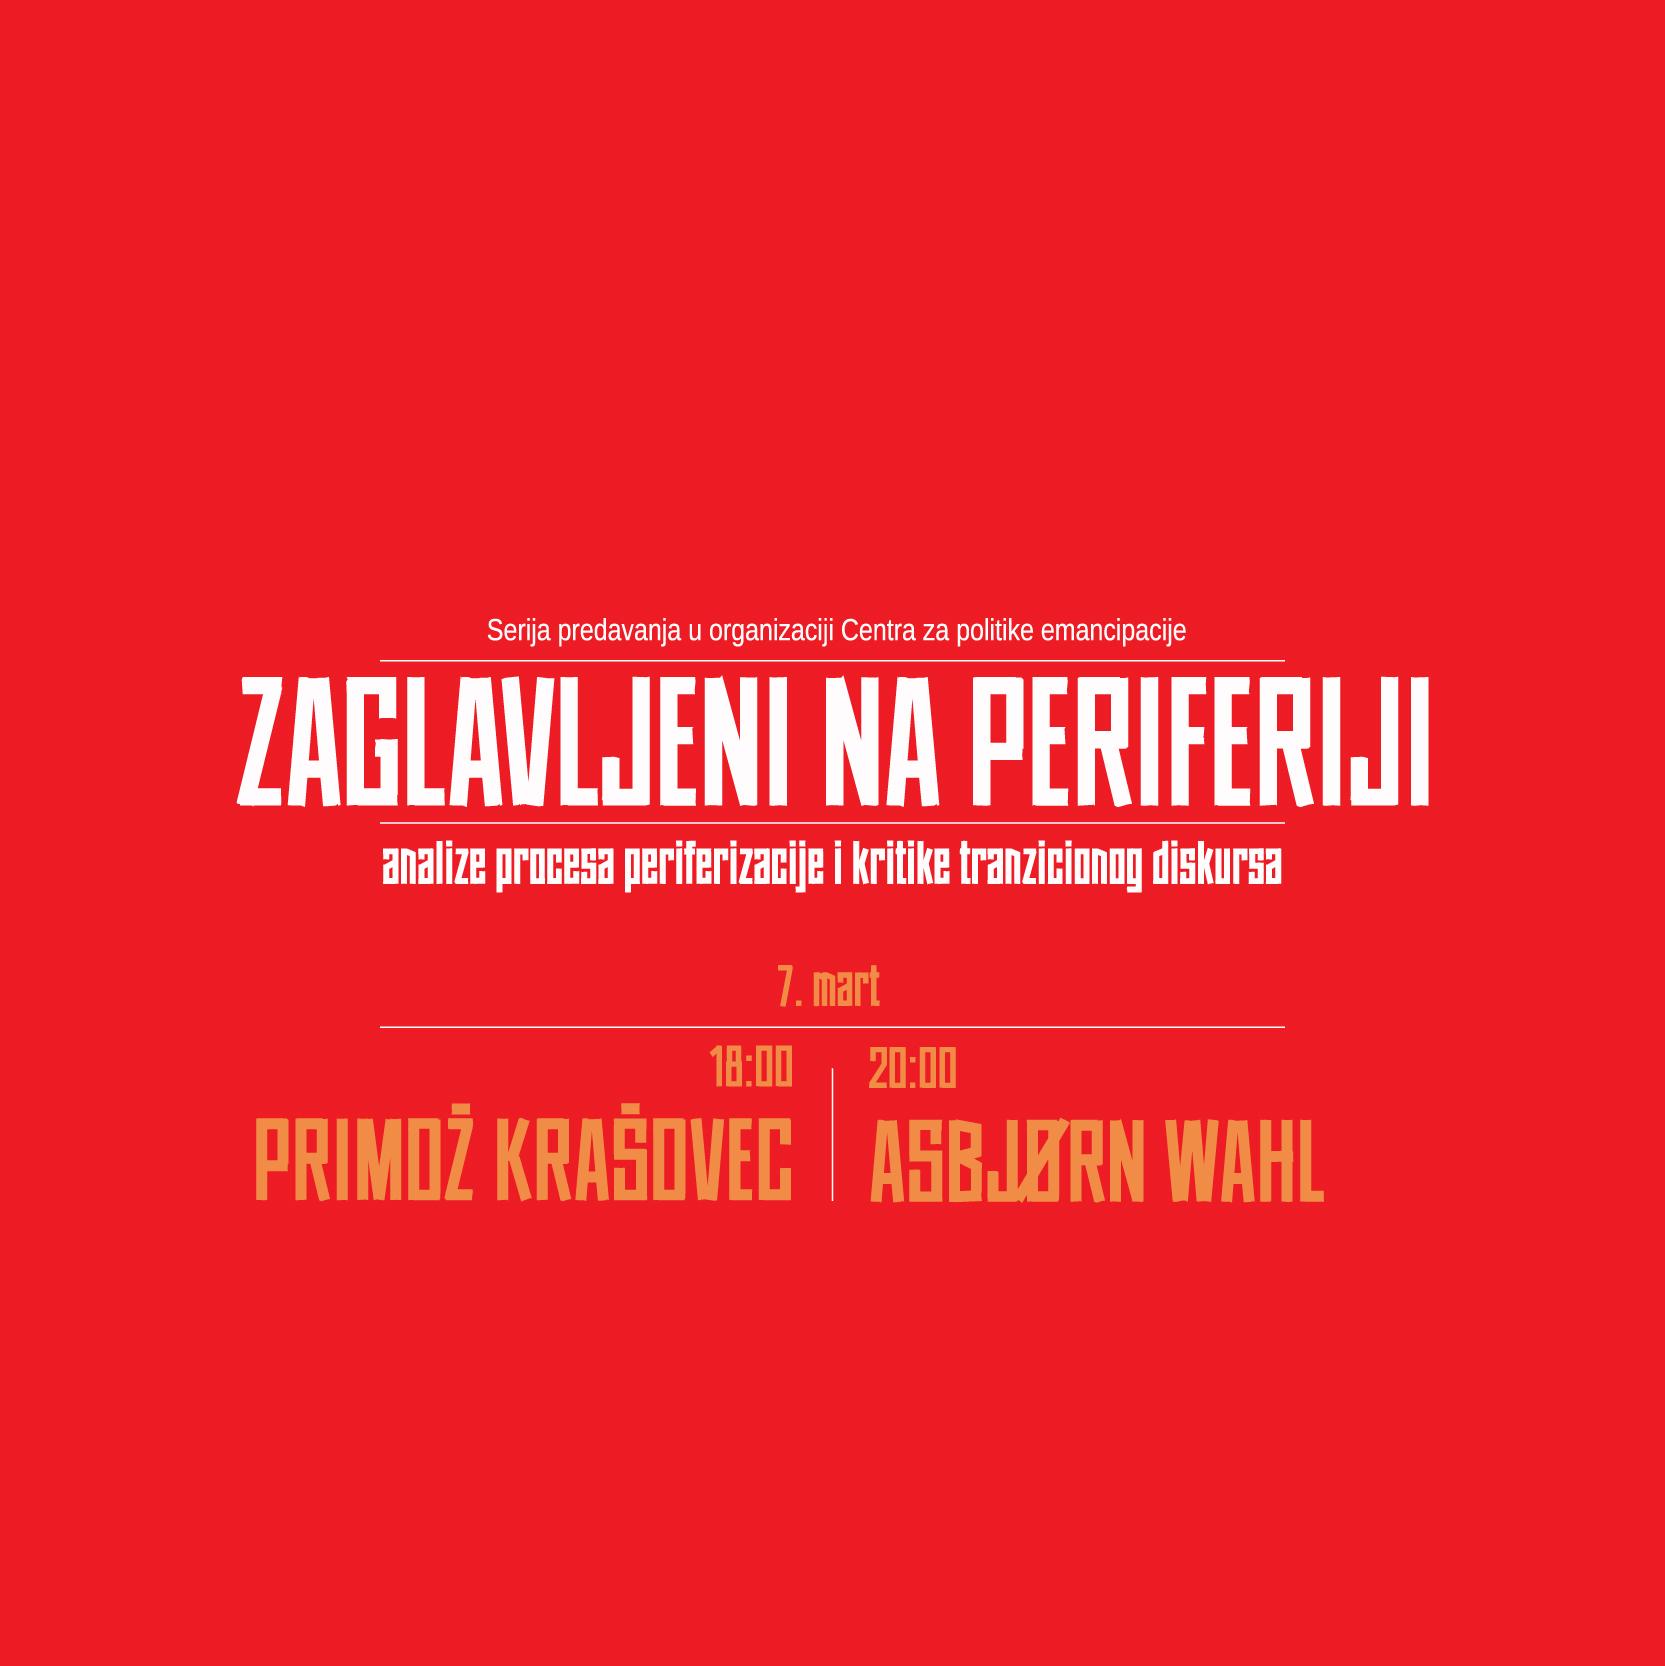 Zaglavljeni na periferiji, 07. mart: Primož Krašovec i Asbjørn Wahl